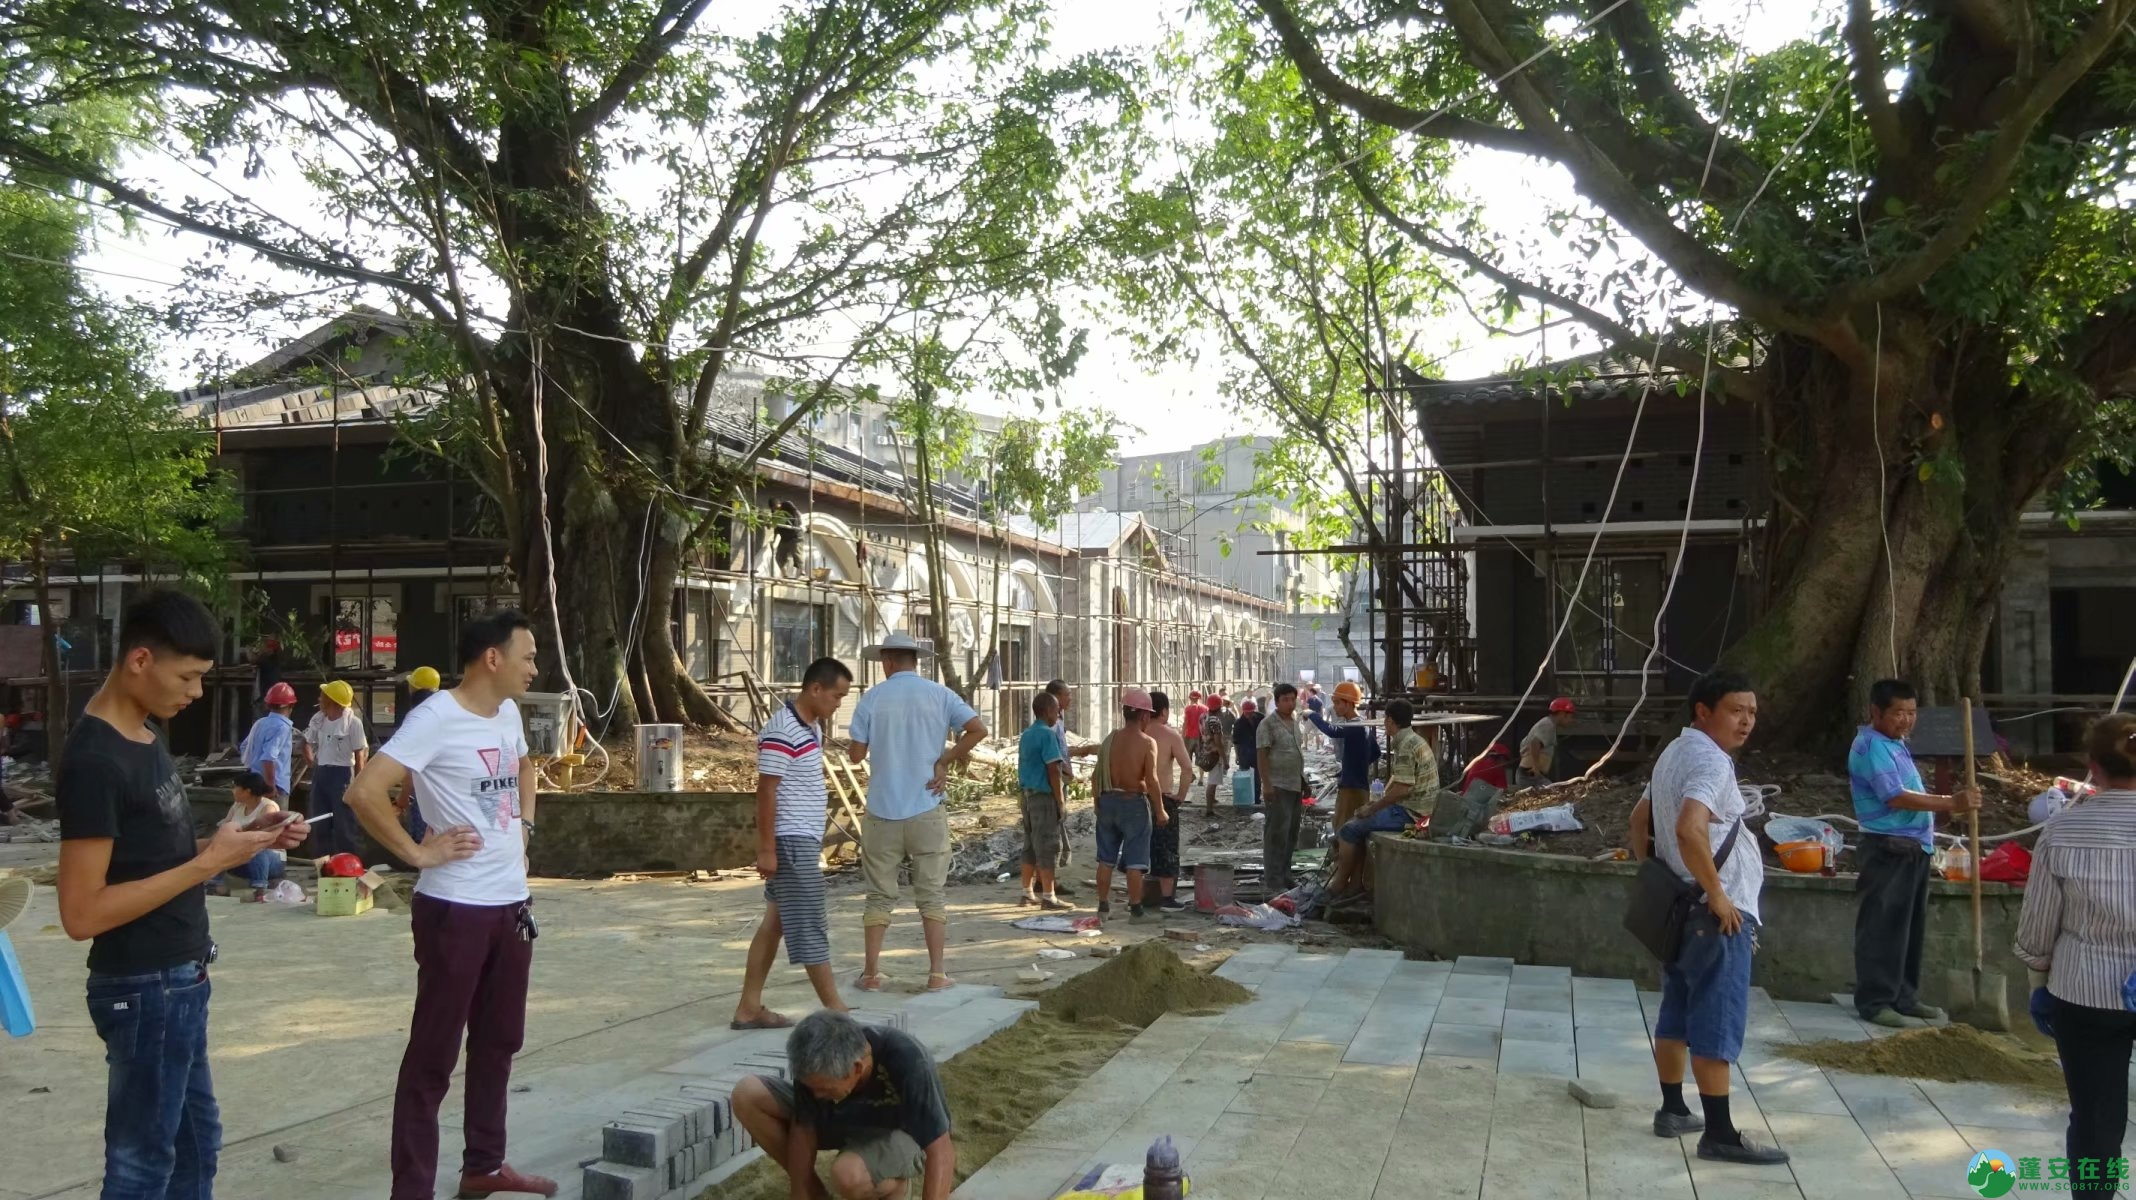 蓬安锦屏相如故城建设迅猛 - 第43张  | 蓬安在线